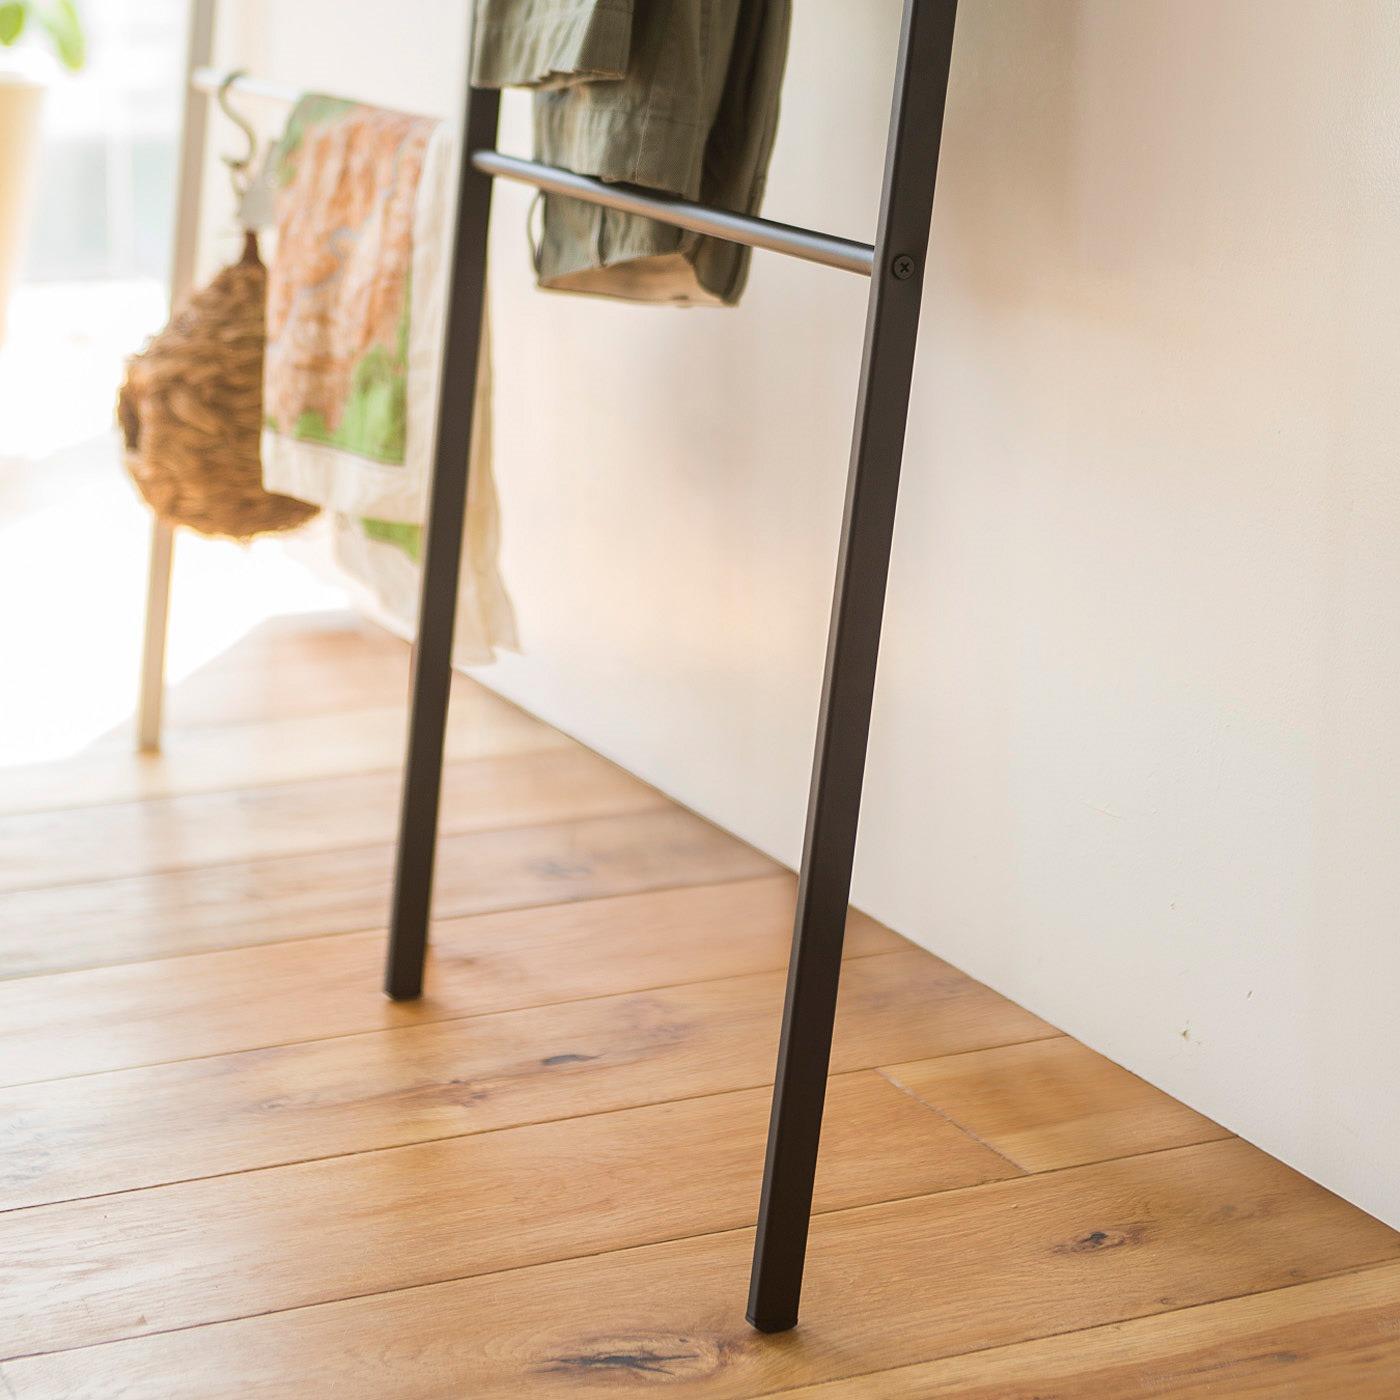 奥行き約30cmのスペースで、立てかけることができます。